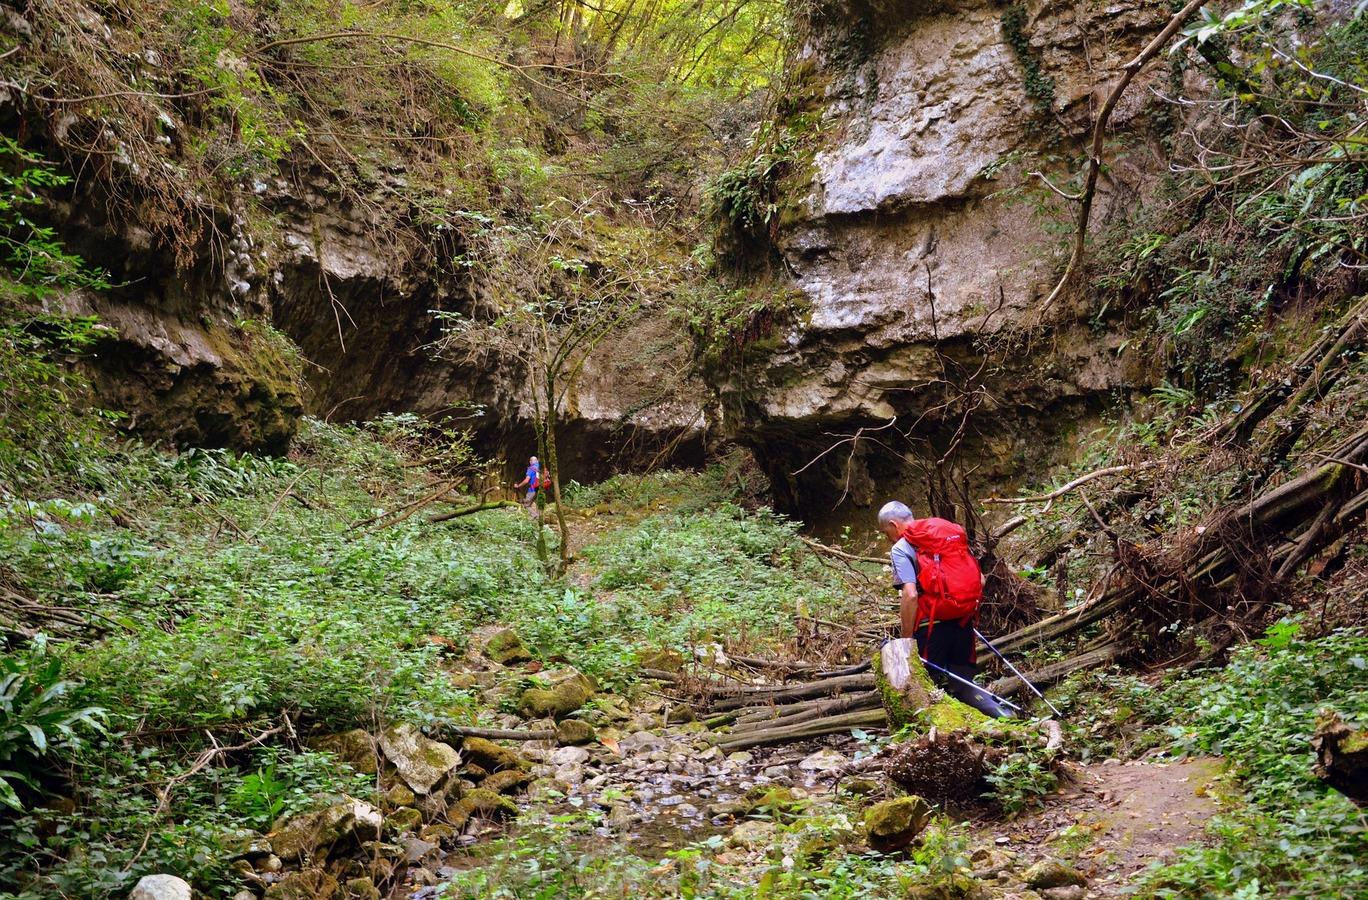 val borago escursione avesa canyon